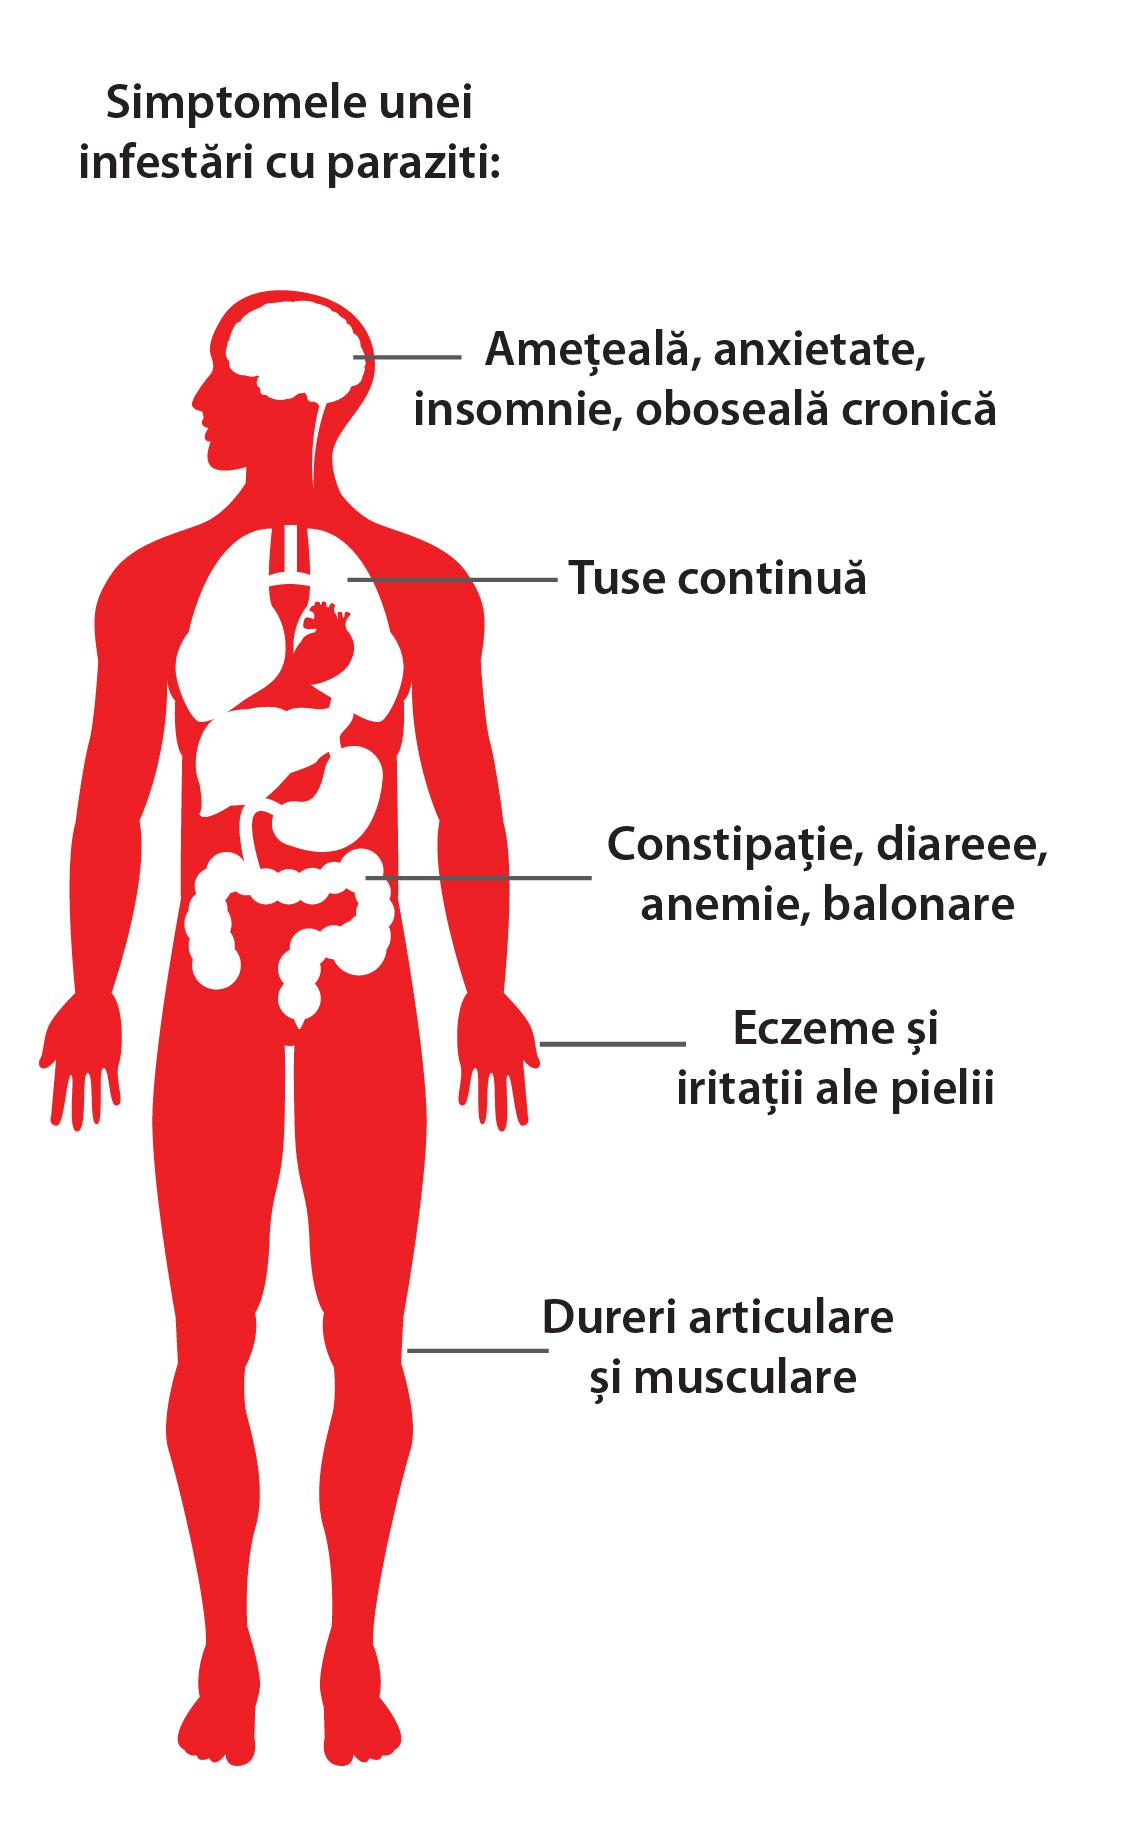 paraziți la simptomele pielii umane